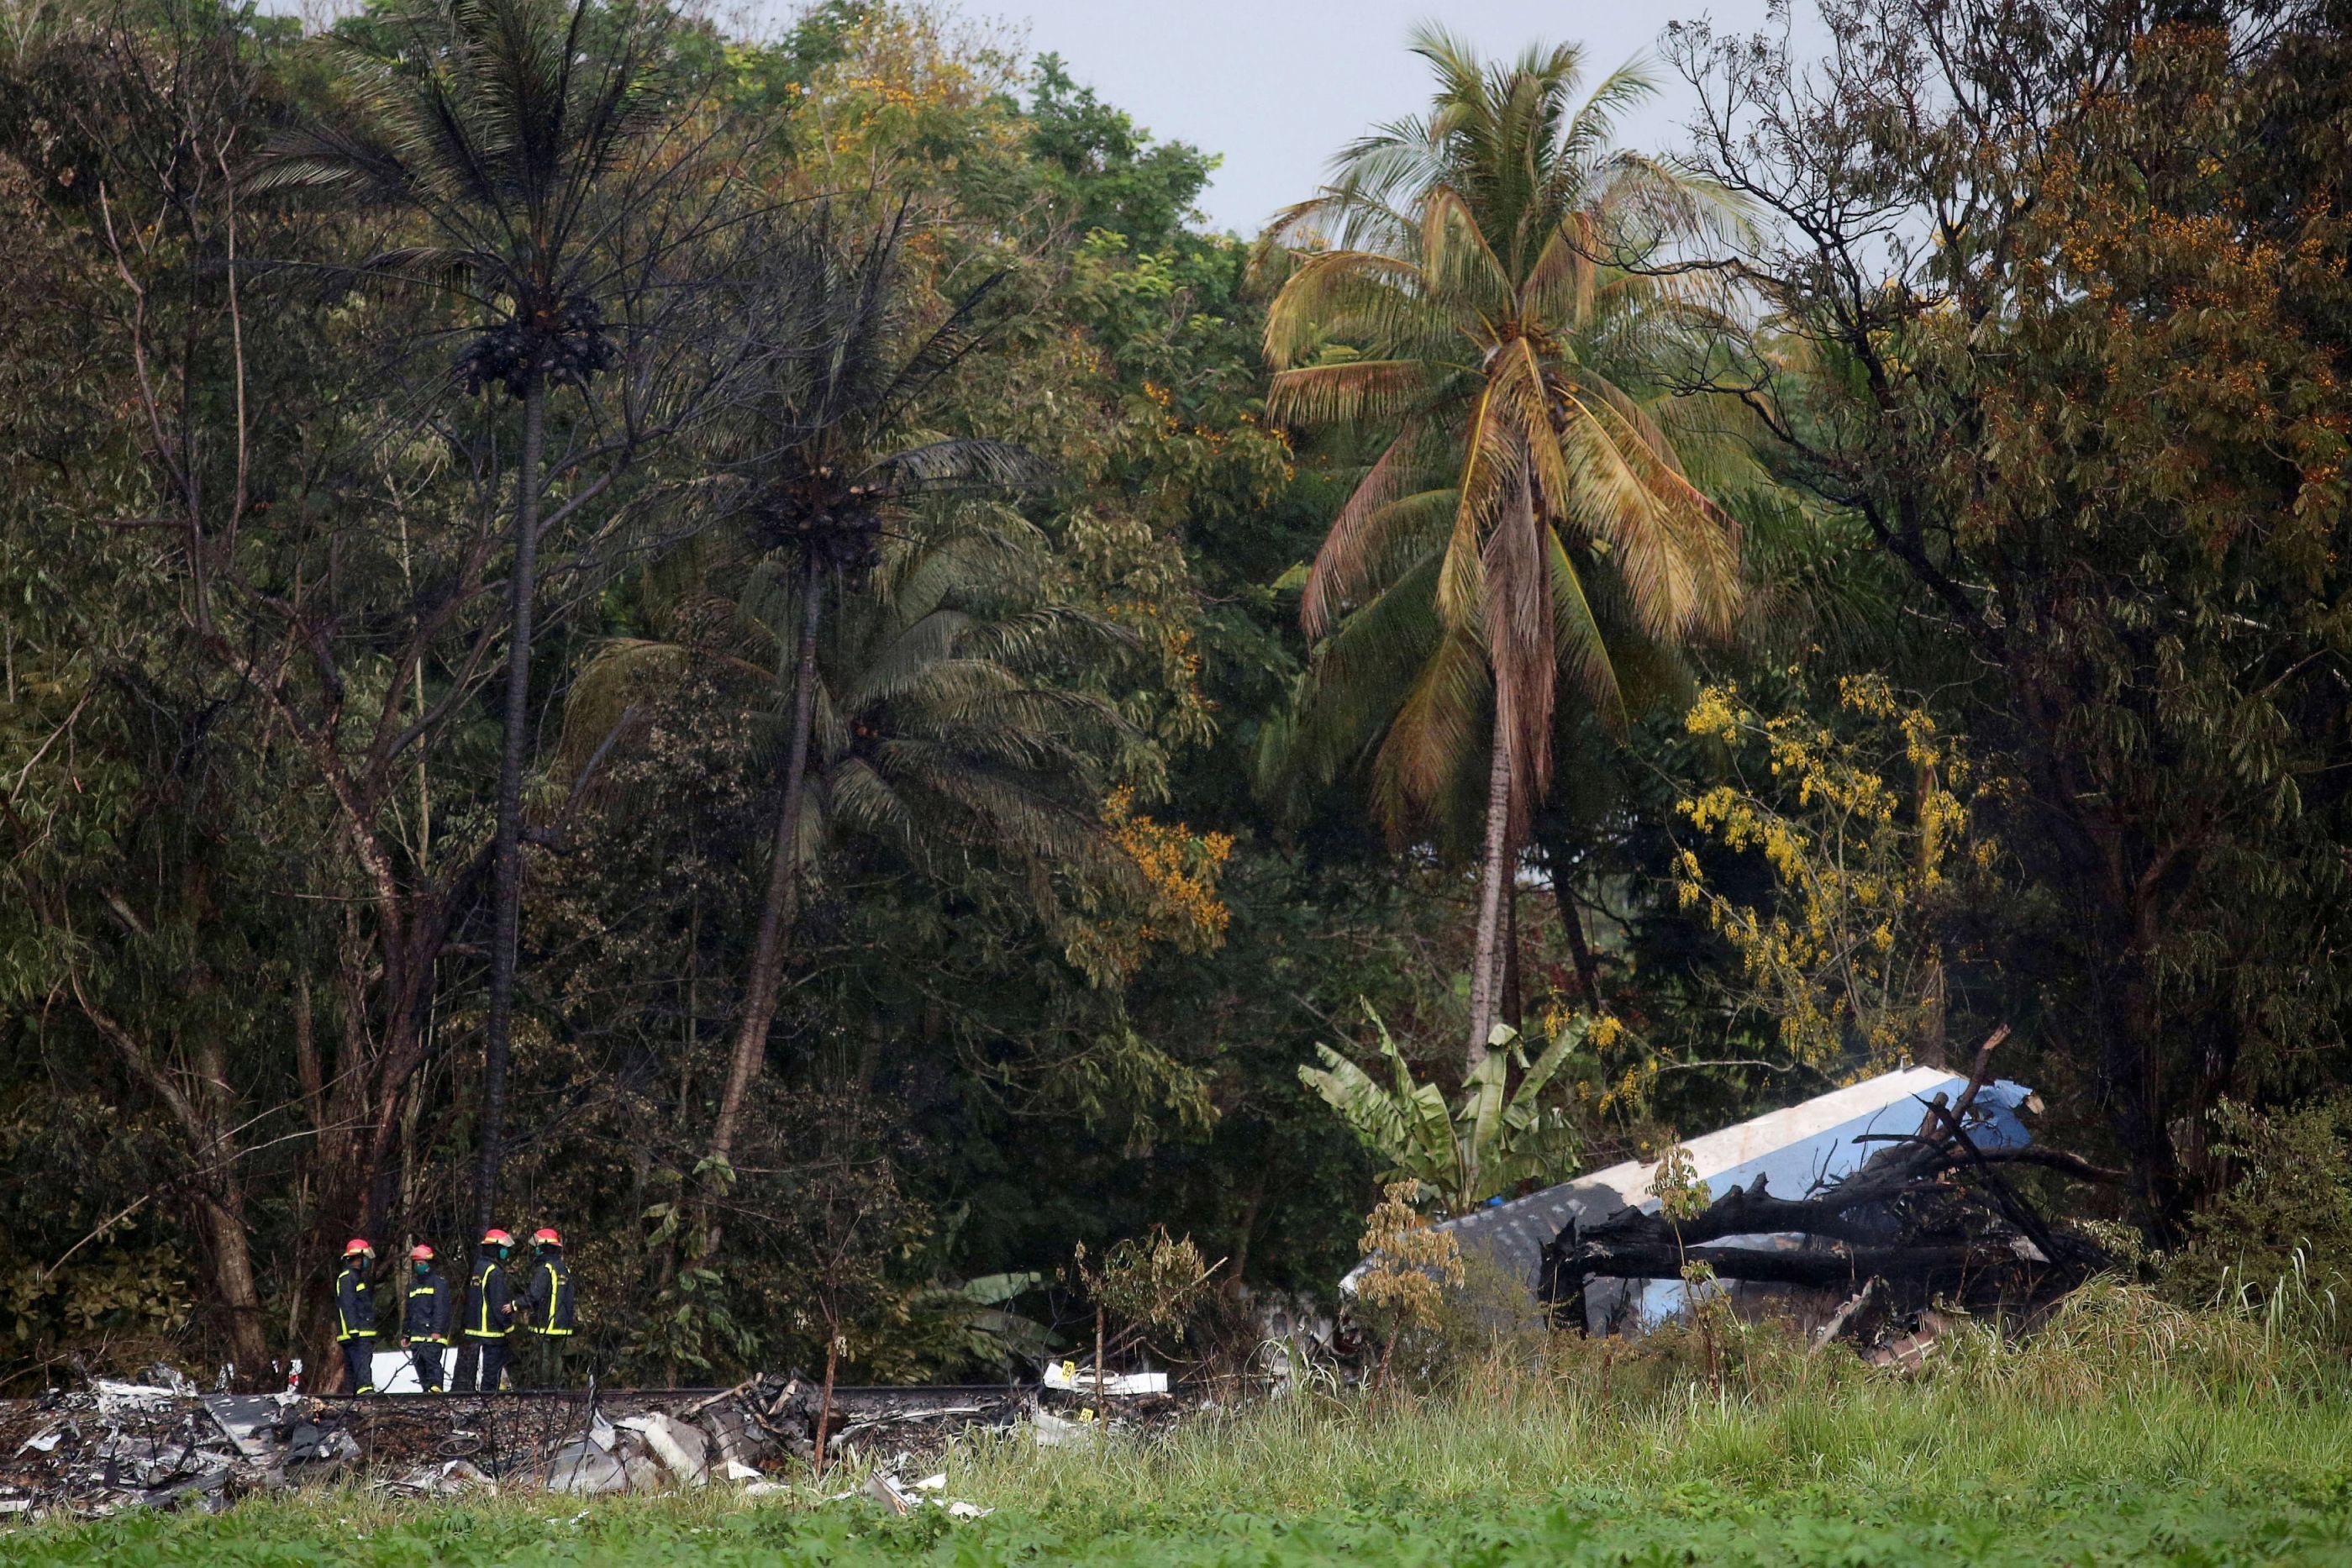 Cuba recupera uma das caixas-pretas de avião que caiu em Havana